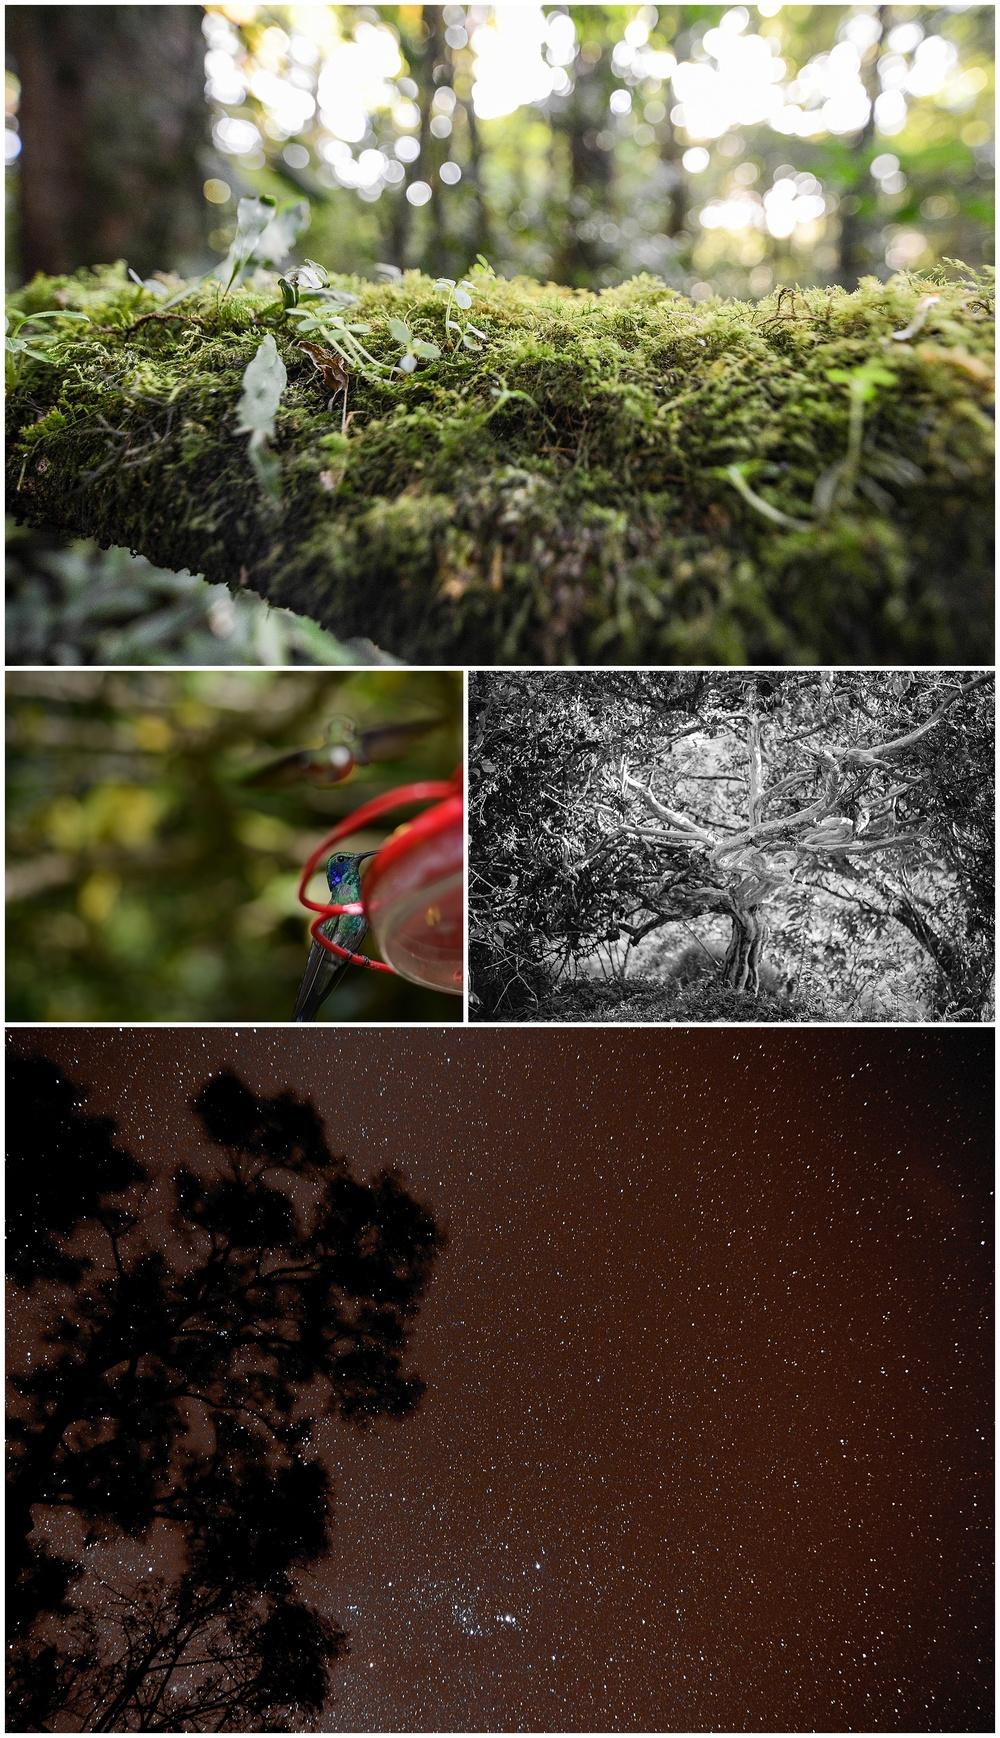 2014-10-21_0013.jpg